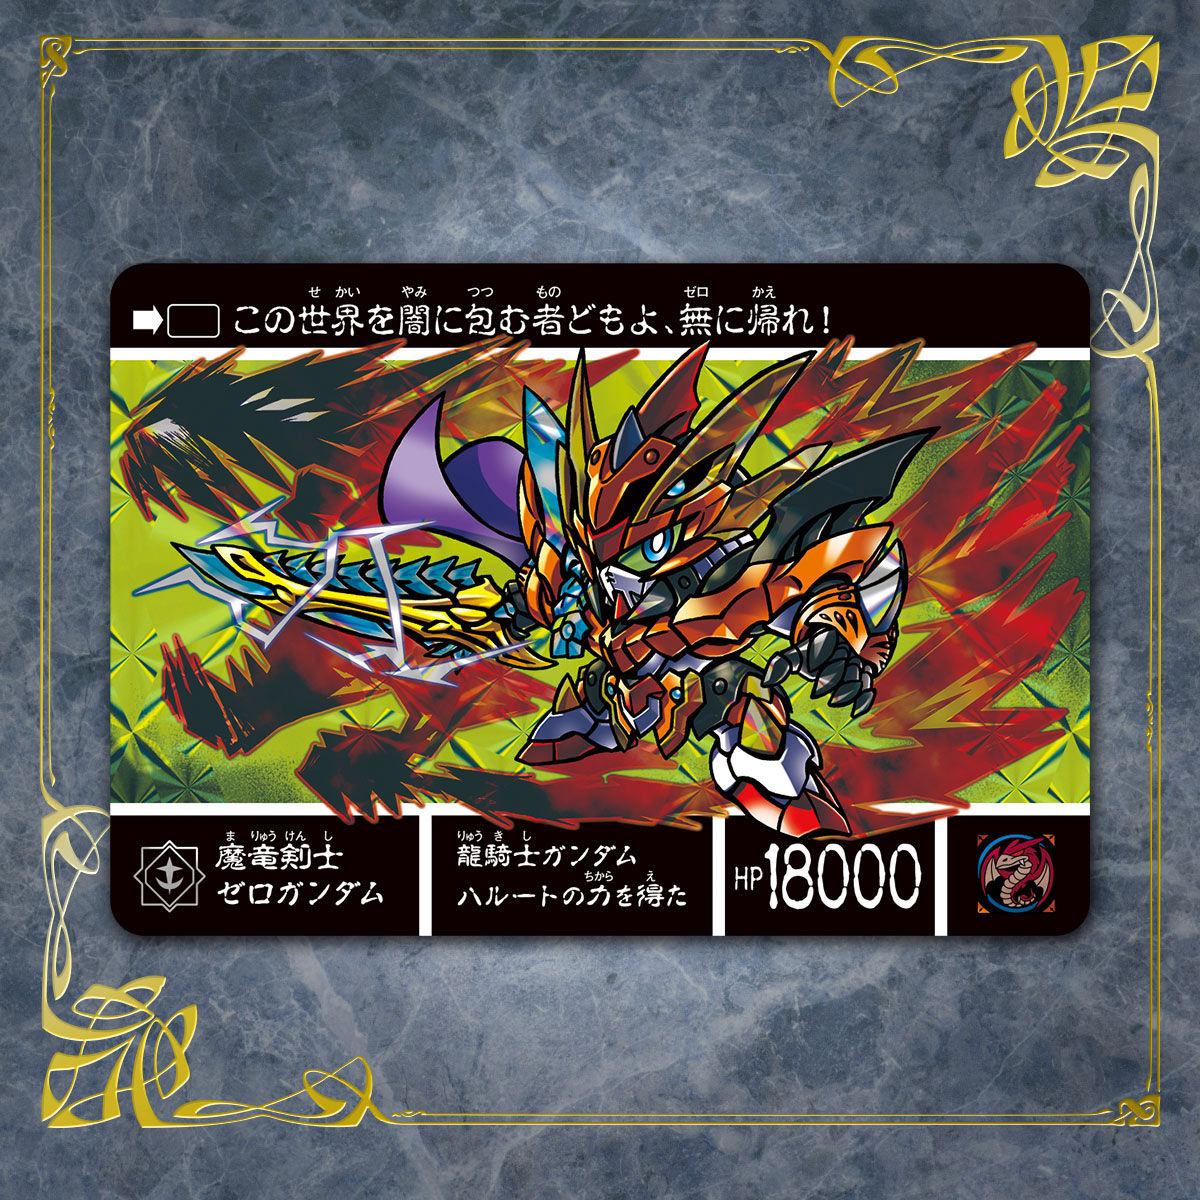 【限定販売】新約SDガンダム外伝『創世超竜譚 奇跡の二大超越竜皇』カードダス-003